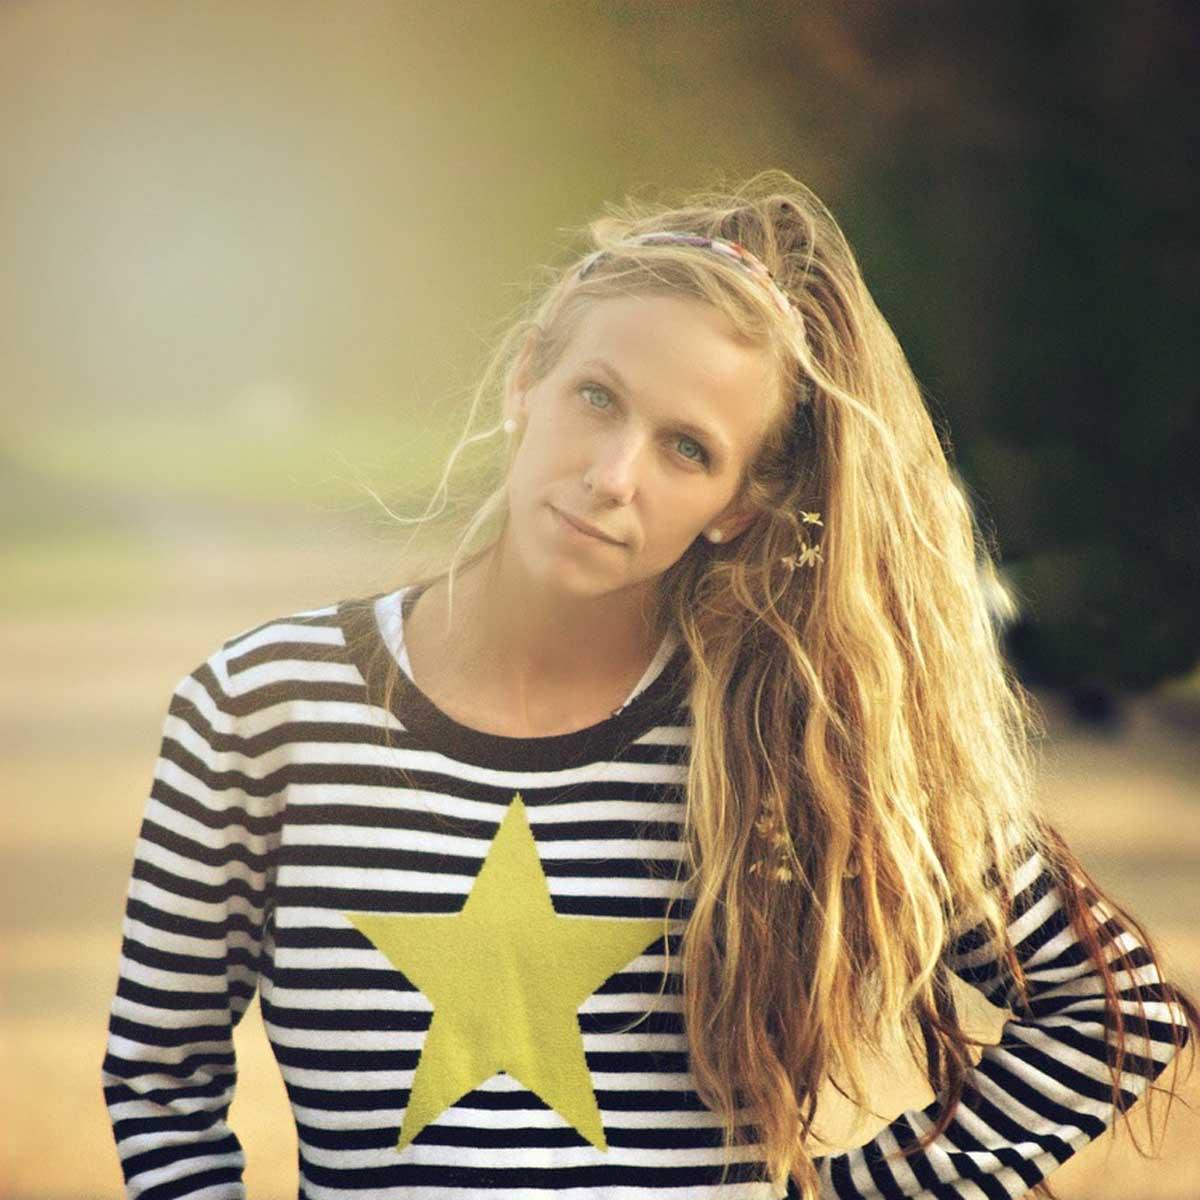 Streifen Pullover Blond